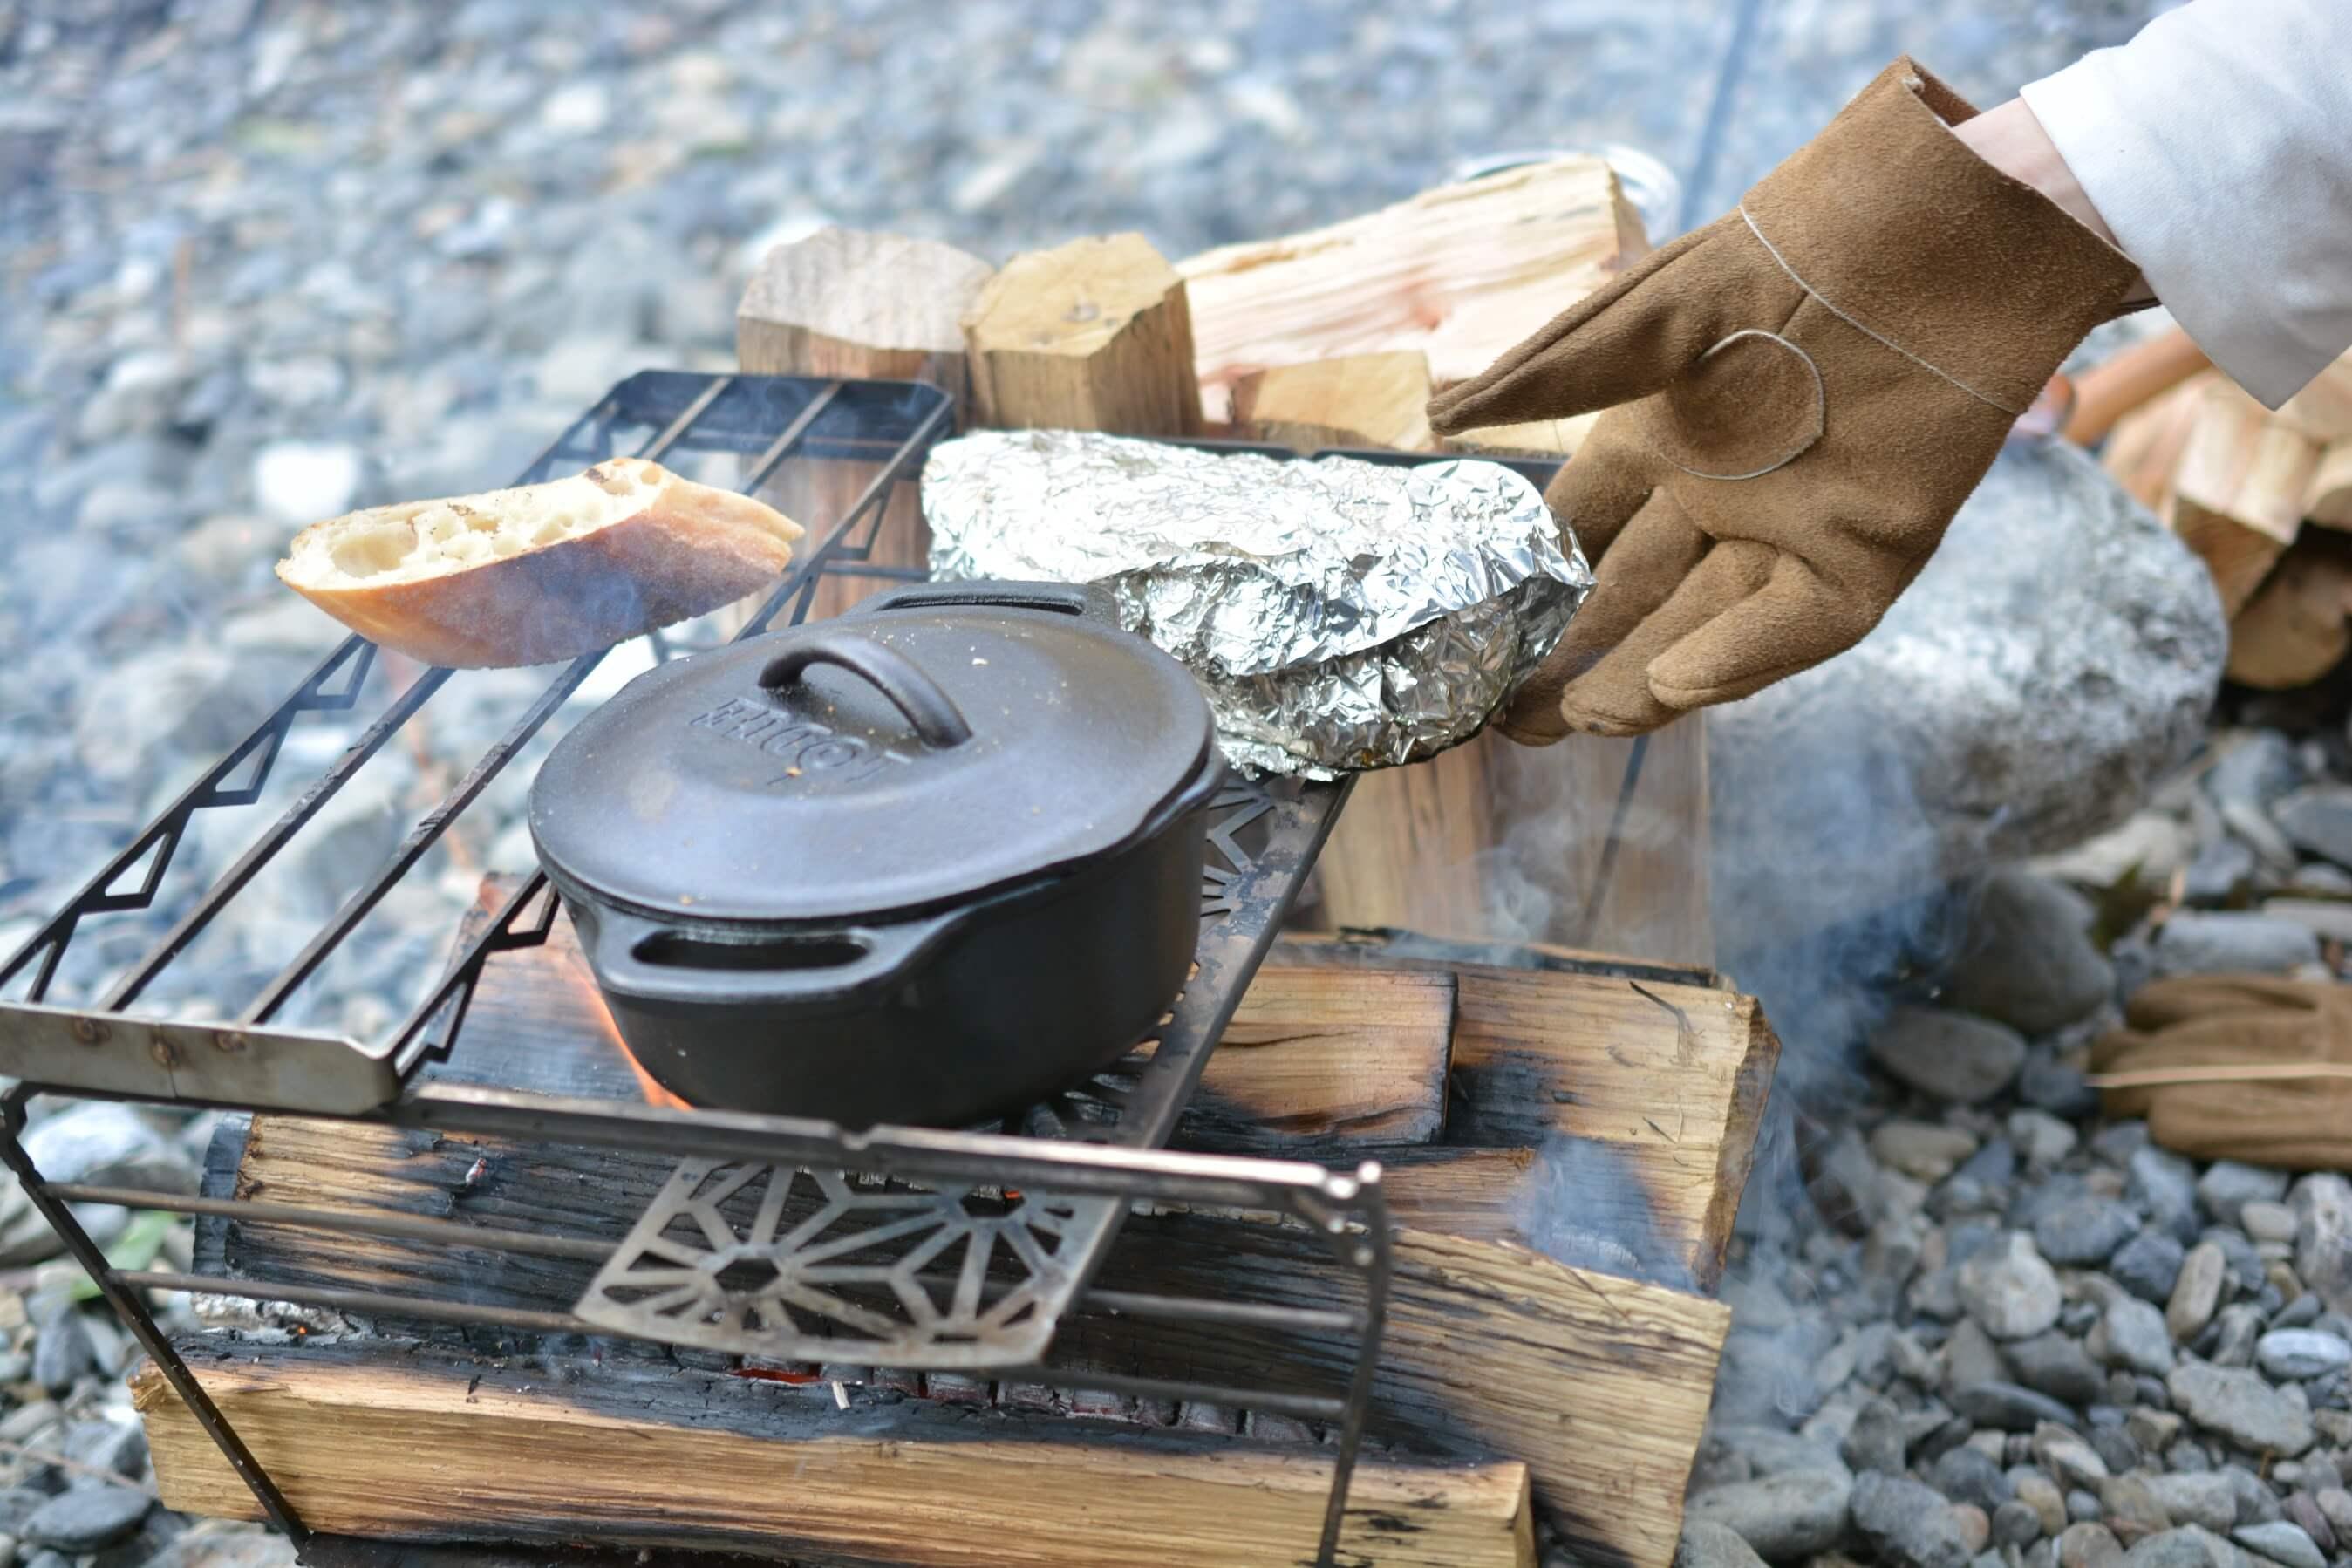 ロッジのサービングポットでチーズラザニア 煮る